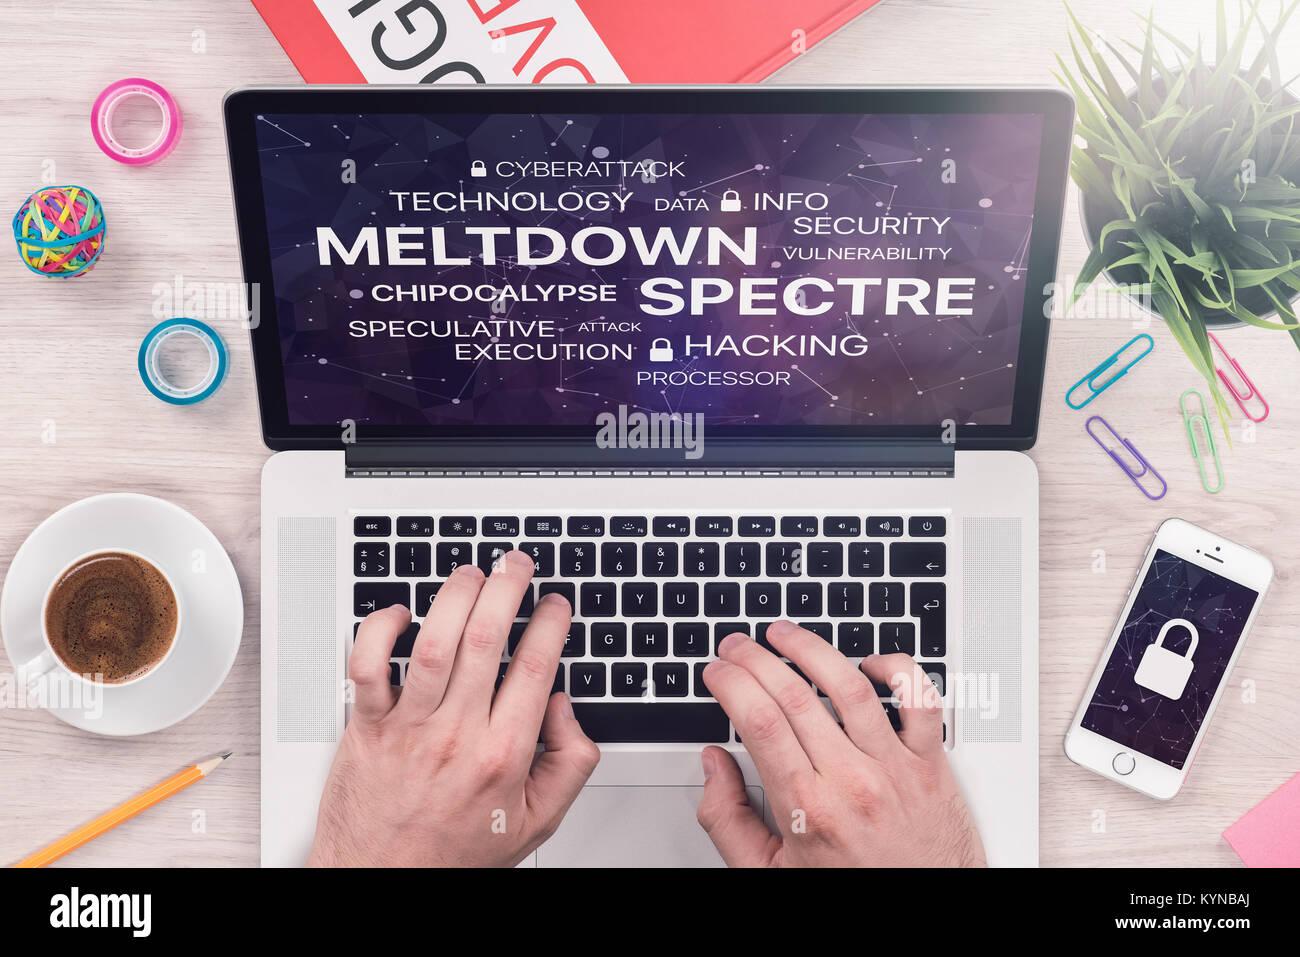 Kernschmelze und Gespenst Bedrohung Konzept auf draufsicht Laptop-bildschirm mit mans Hände auf Büro Schreibtisch. Stockbild